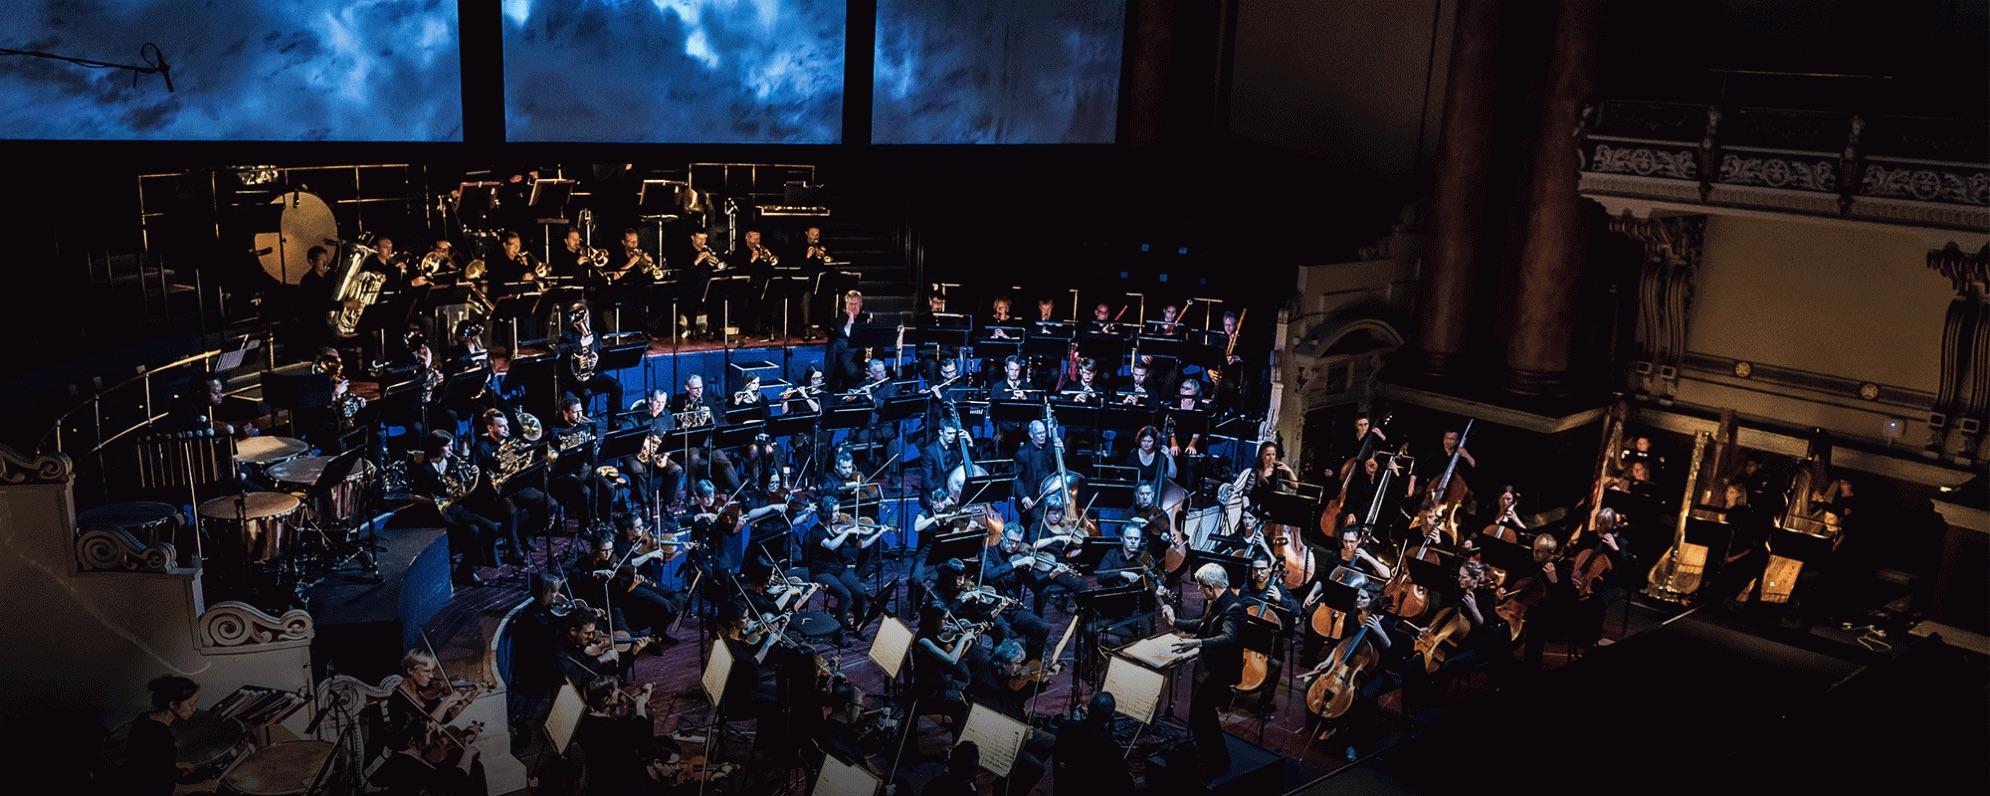 Opera-North-The-Ring-2016-Götterdämmerung-02-1990x796